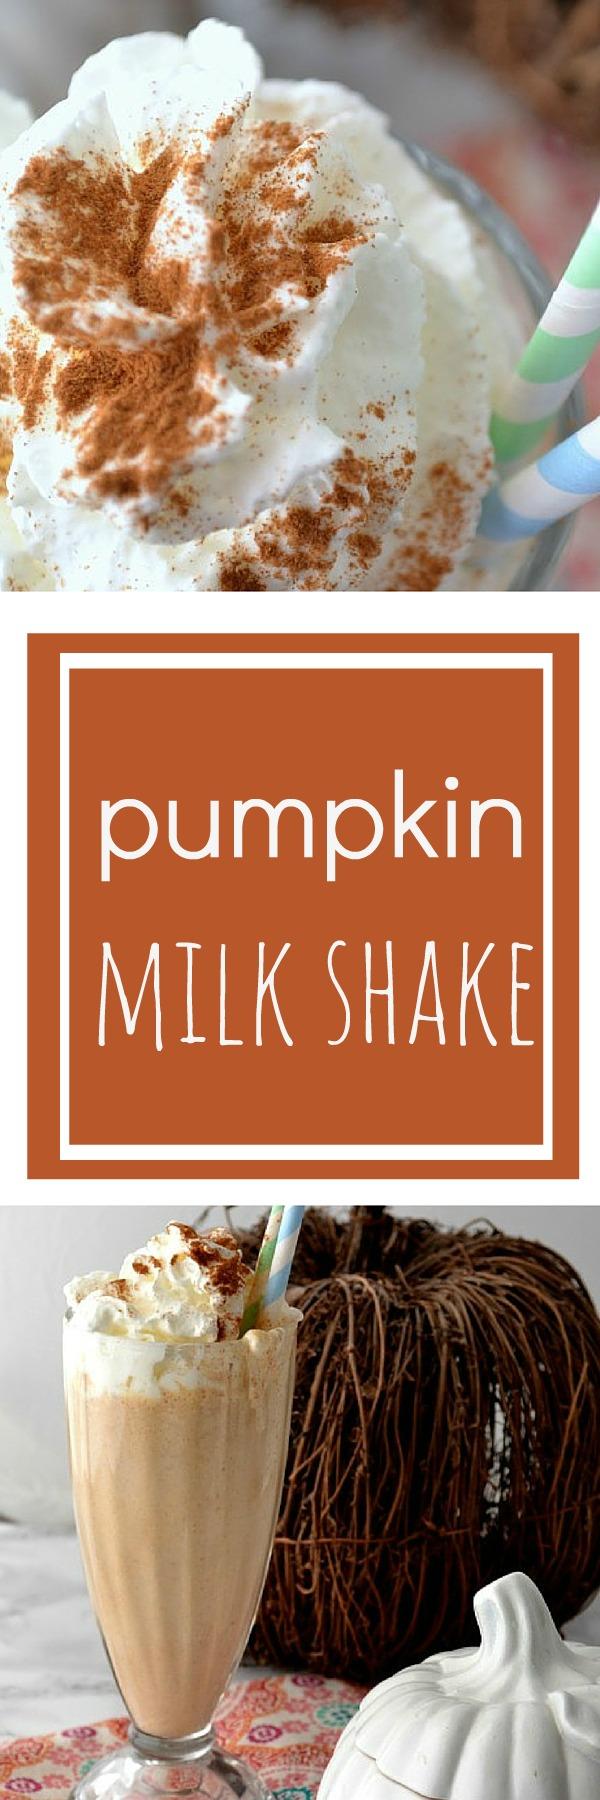 pumpkin shake-pinterest